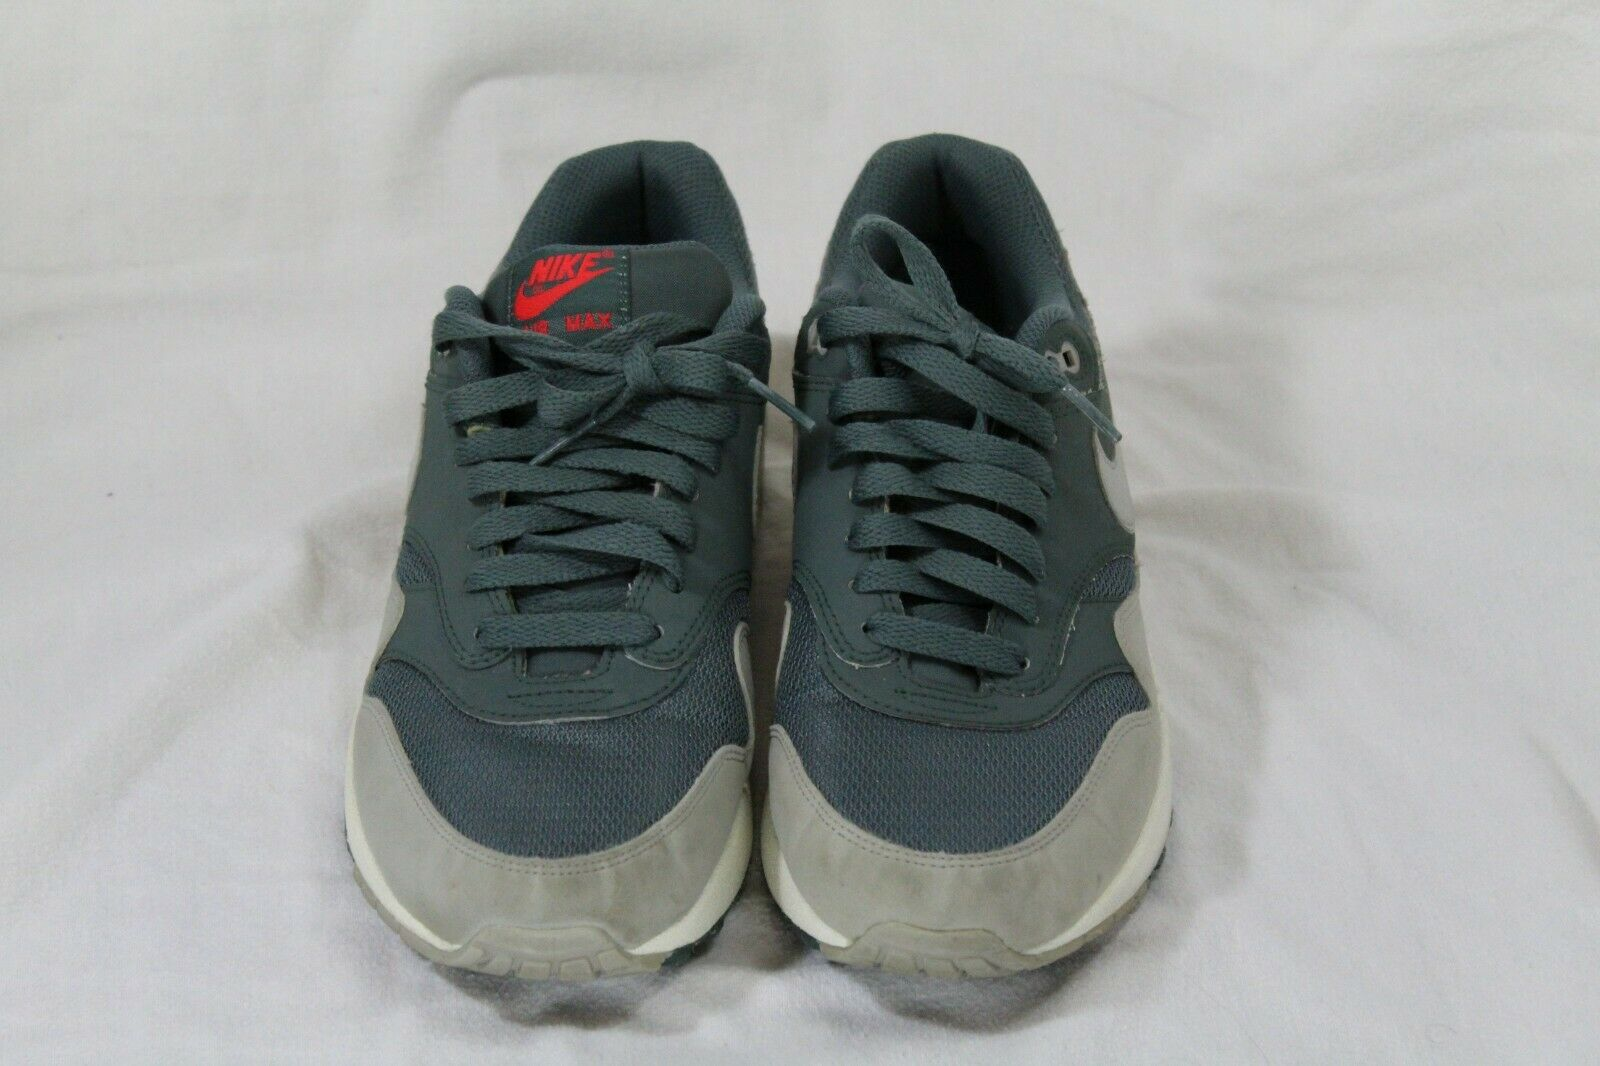 Air Max 1 Hasta Size 9 537383-310